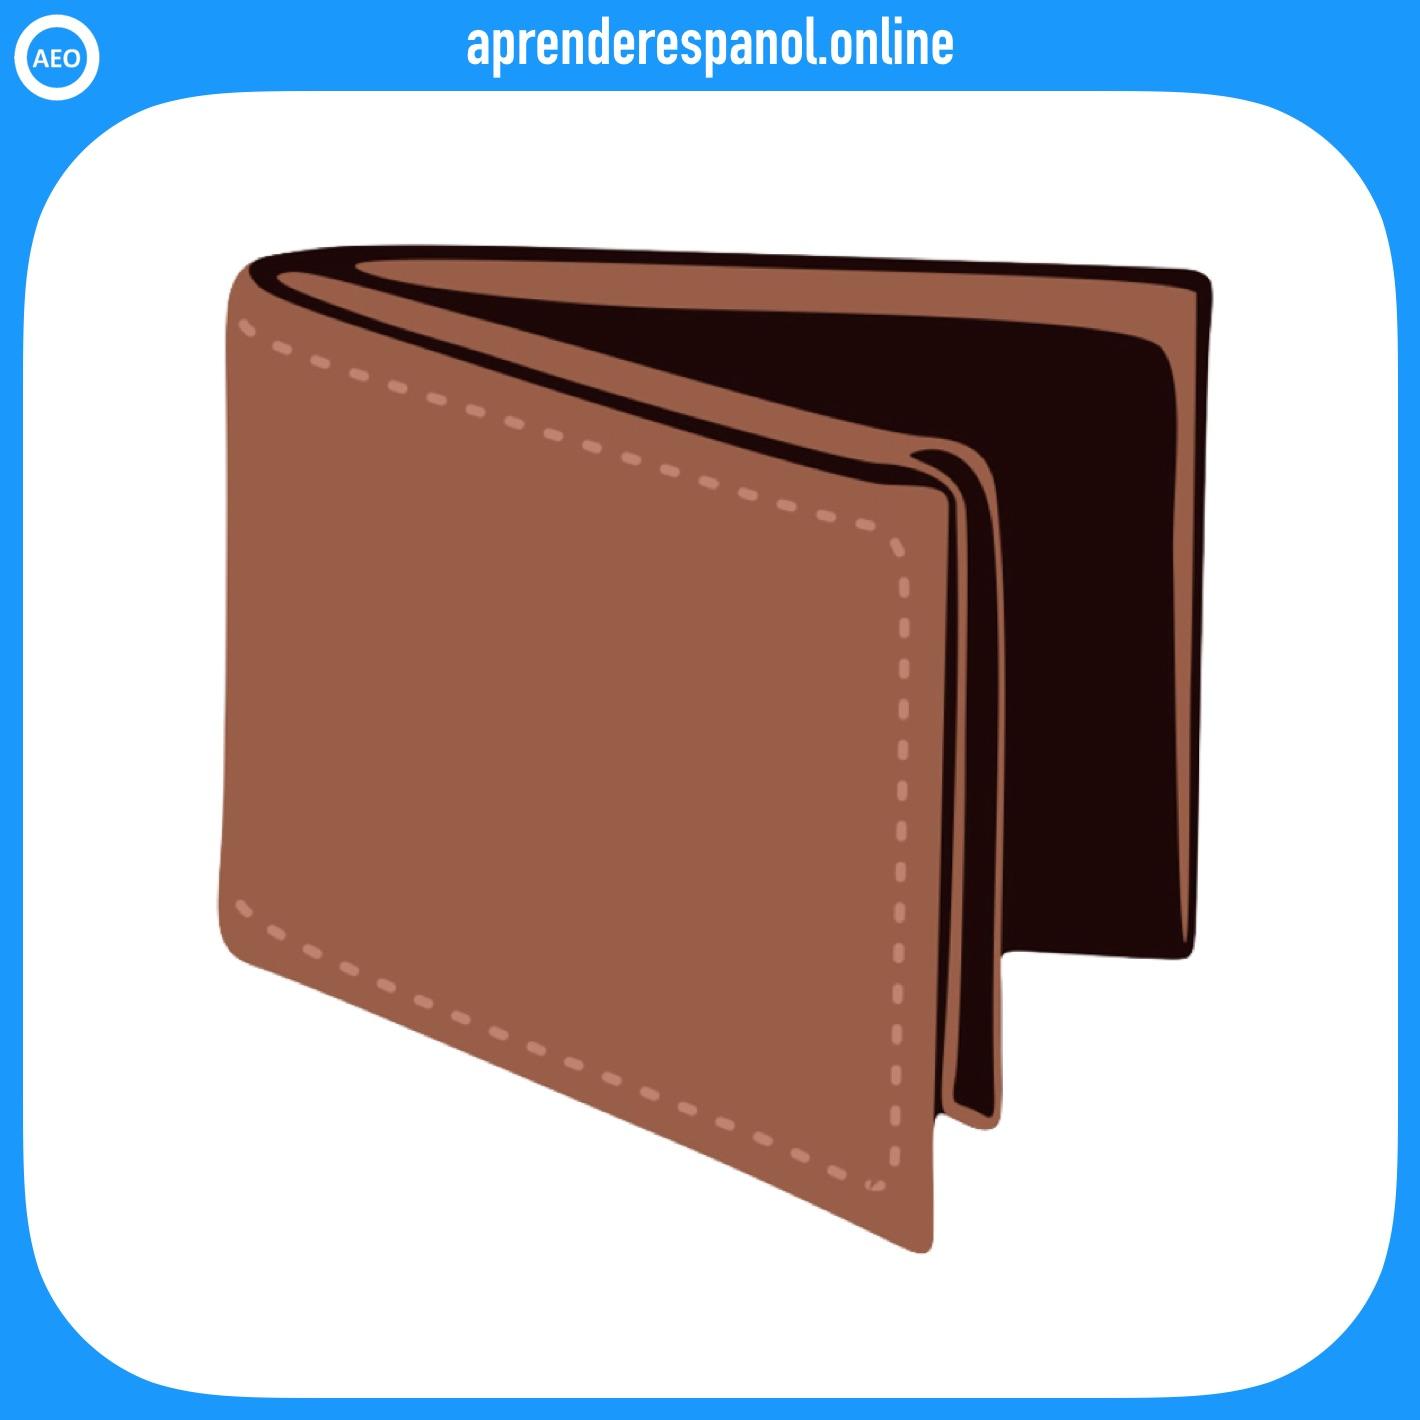 billetera | ropa en español | vocabulario de la ropa en español